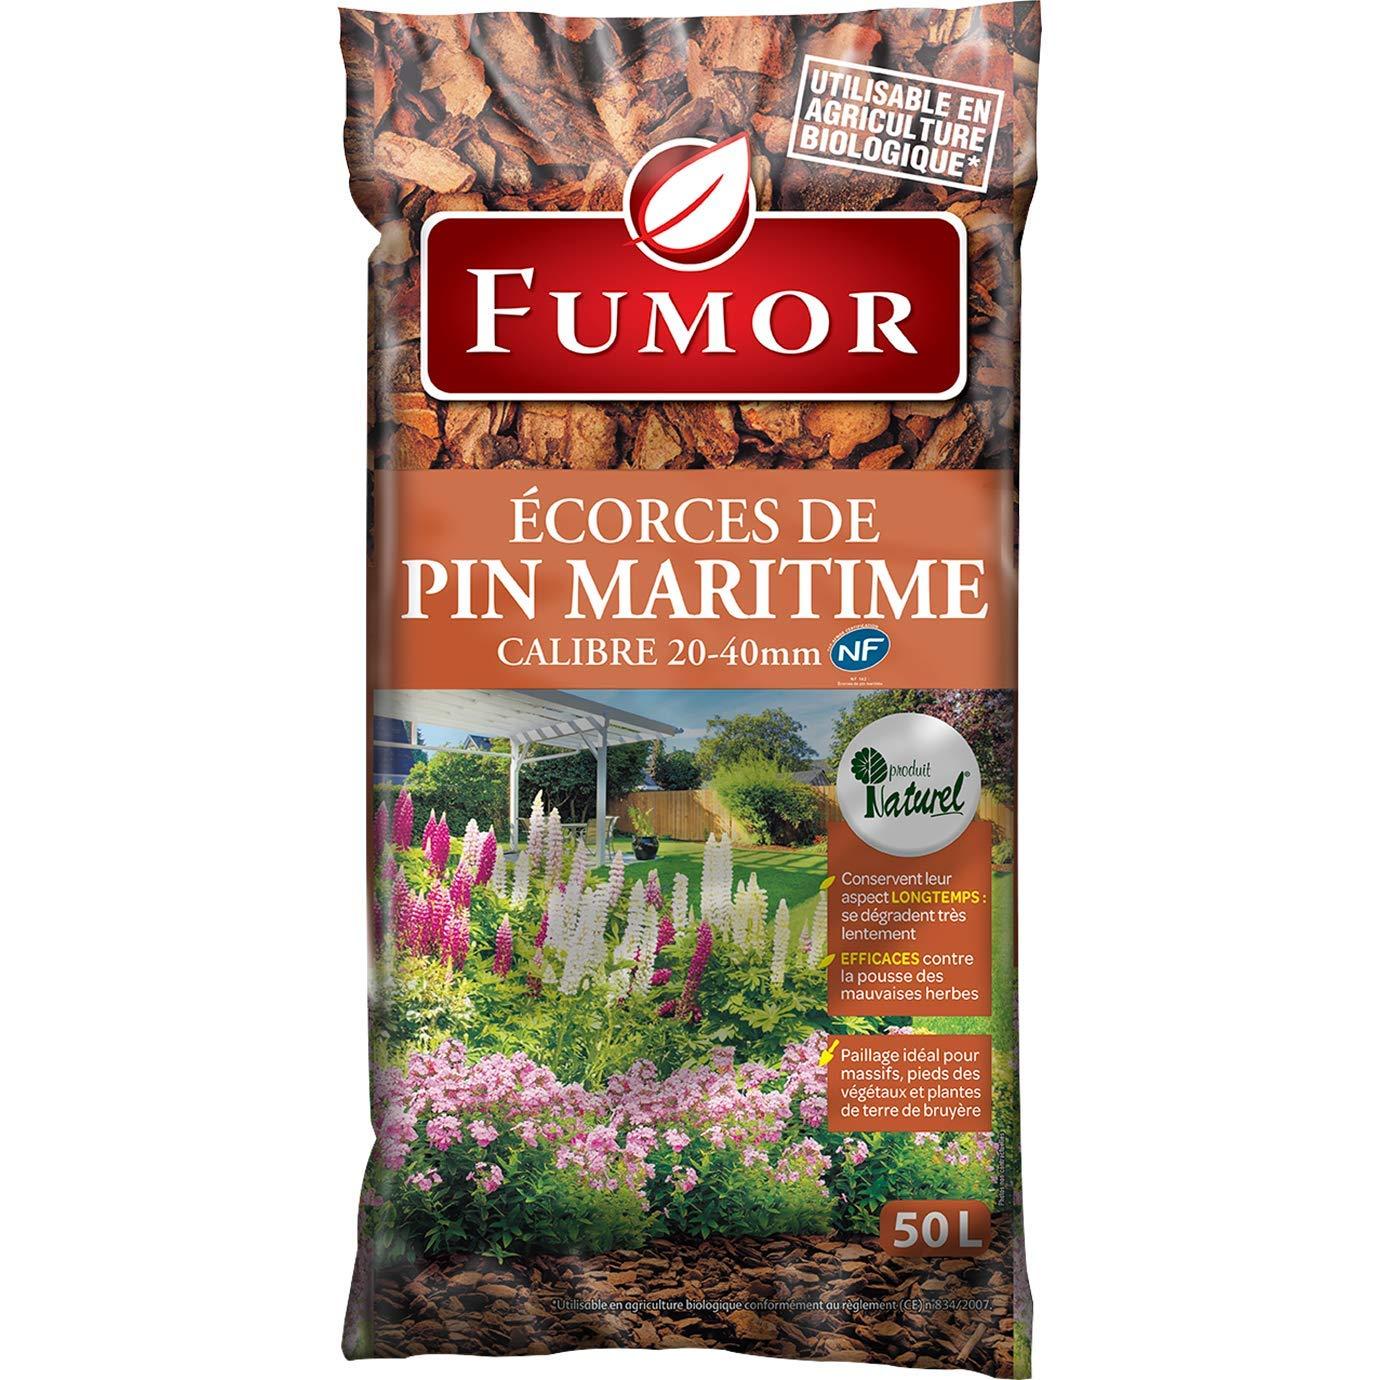 Fumor – Cortezas de pino Maritime 50 L ideal para los macizos de los pies, plantas de tierra, ruido, 100% natural – Fumpin: Amazon.es: Jardín